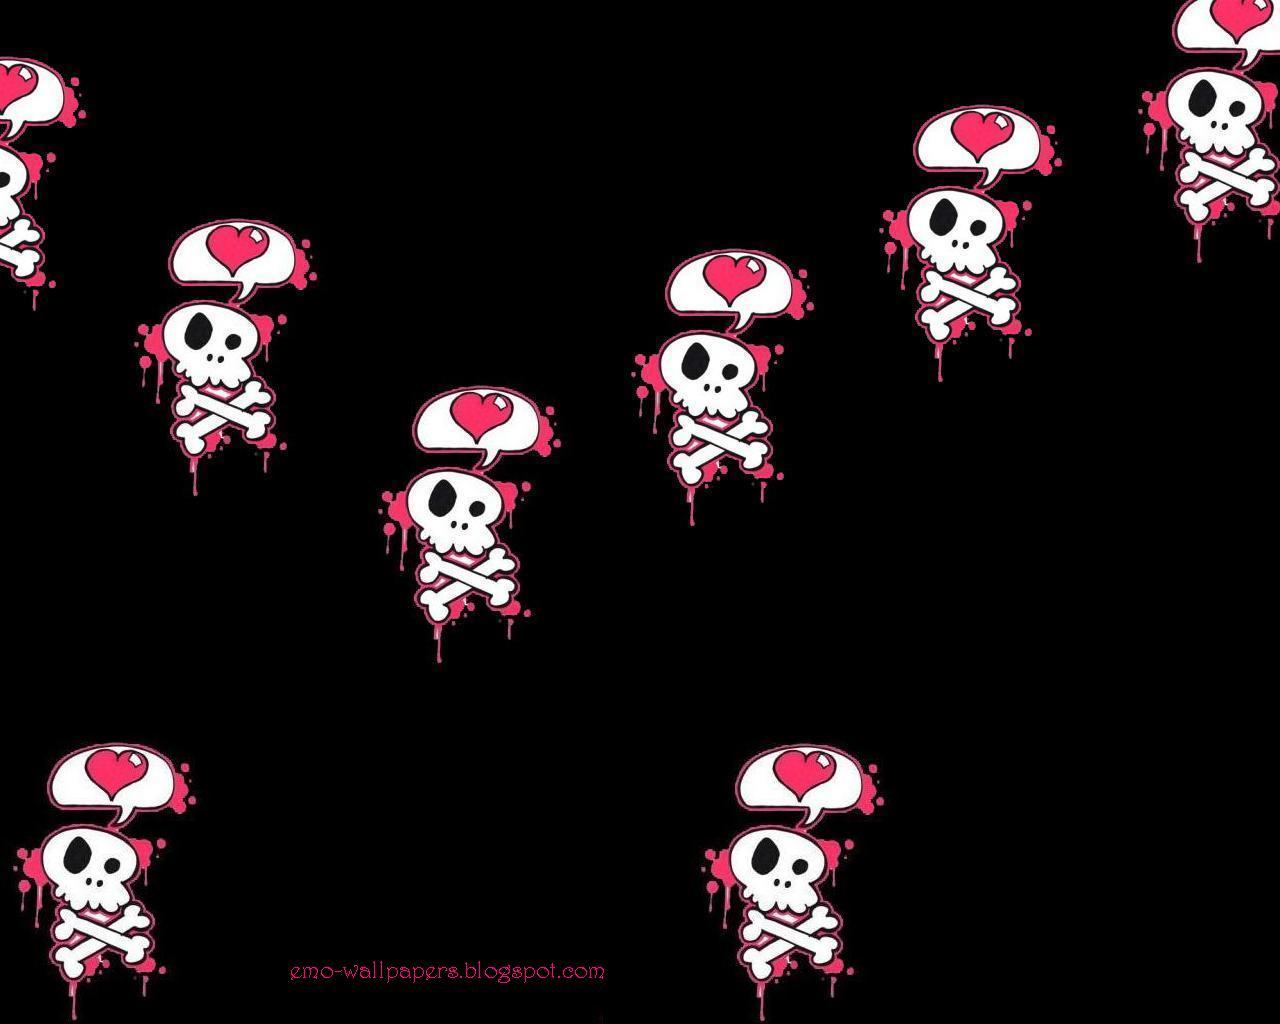 PINK EMO WALLPAPERS Emo wallpaper Emo Girls Emo Boys Emo 1280x1024